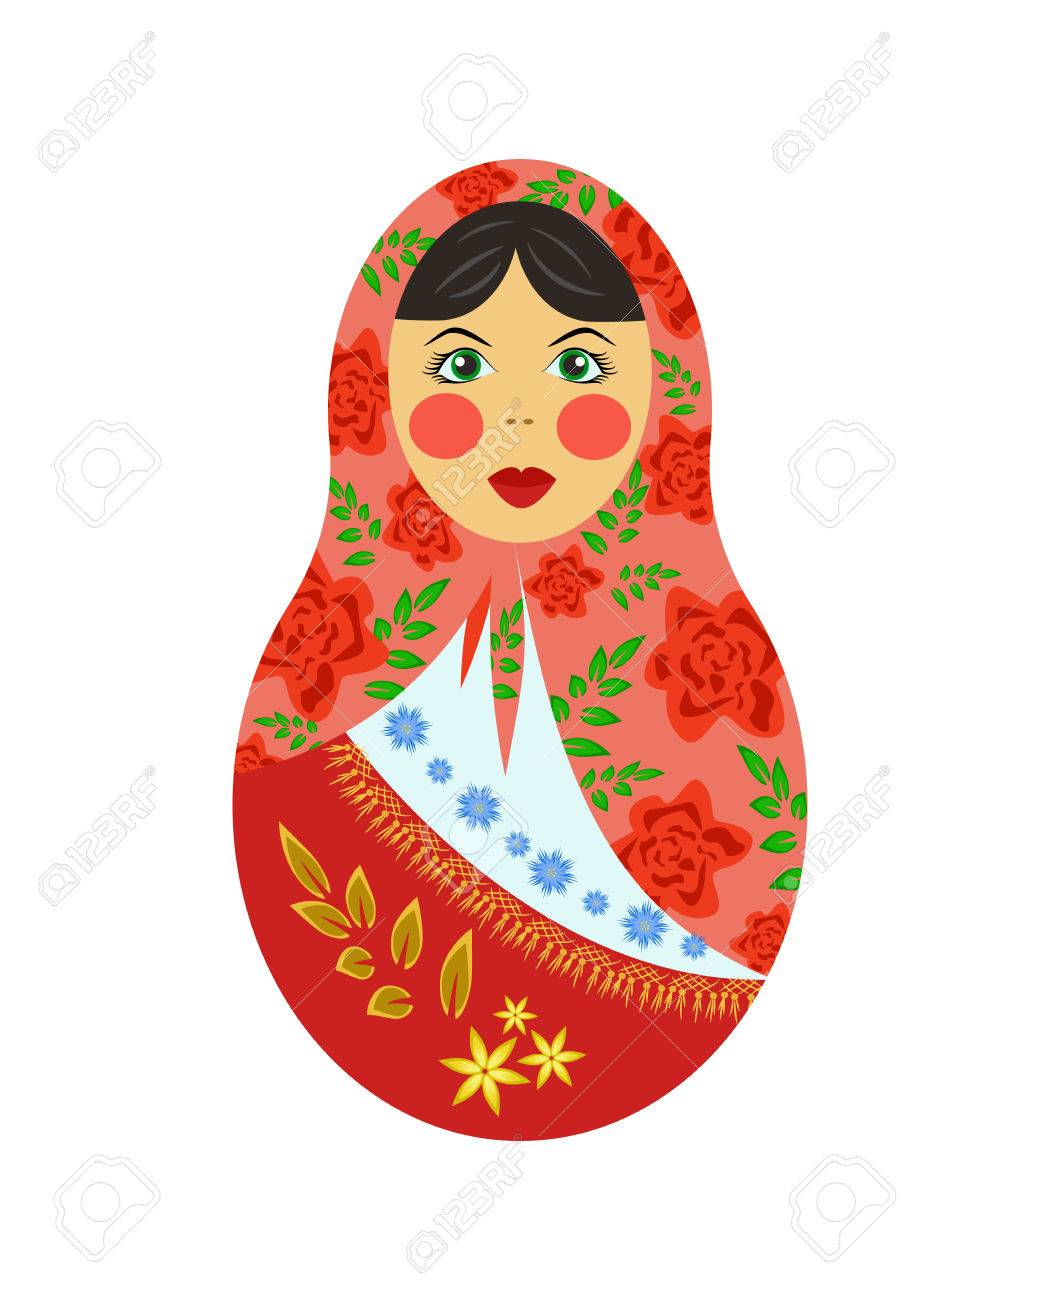 ロシアの入れ子人形タンブラー木製カラフルな入れ子ピンロシア人